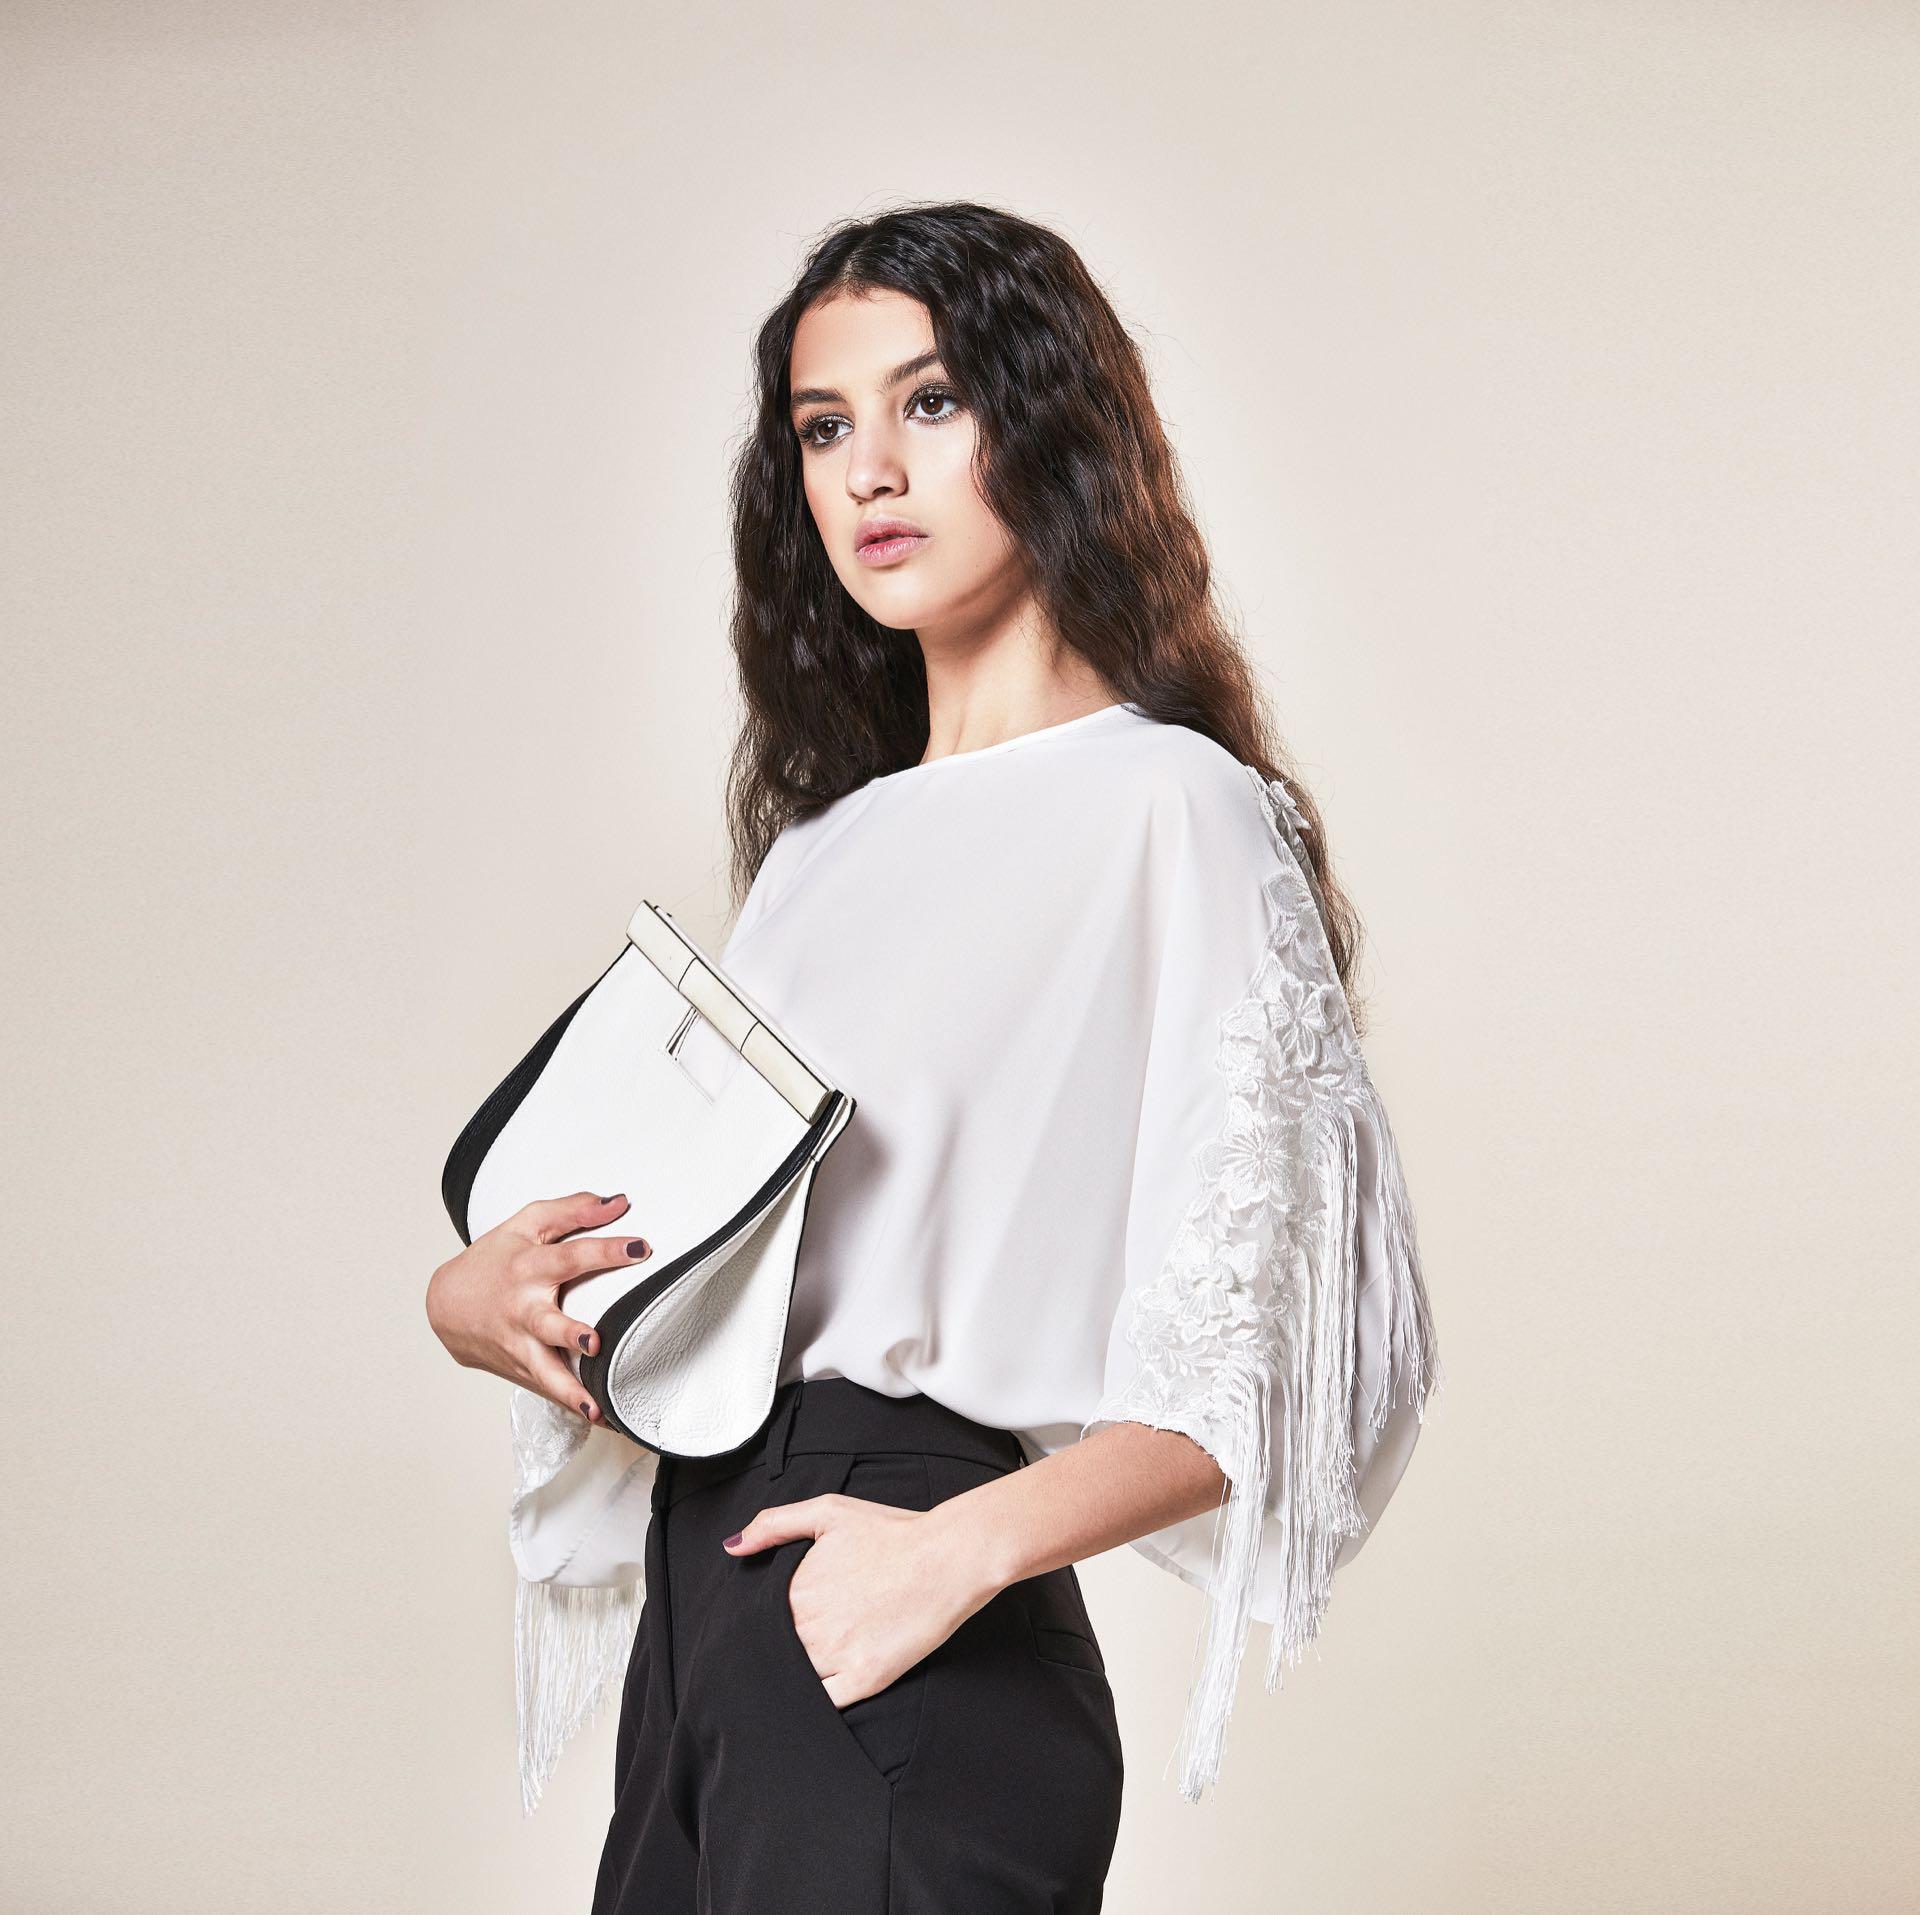 Blusa de gasa con encaje y flecos ($ 6.000, Rafael Garófalo), pantalón sastre($ 2.400, Ossira) y clutch de cuero y nácar (Casta by Analía).